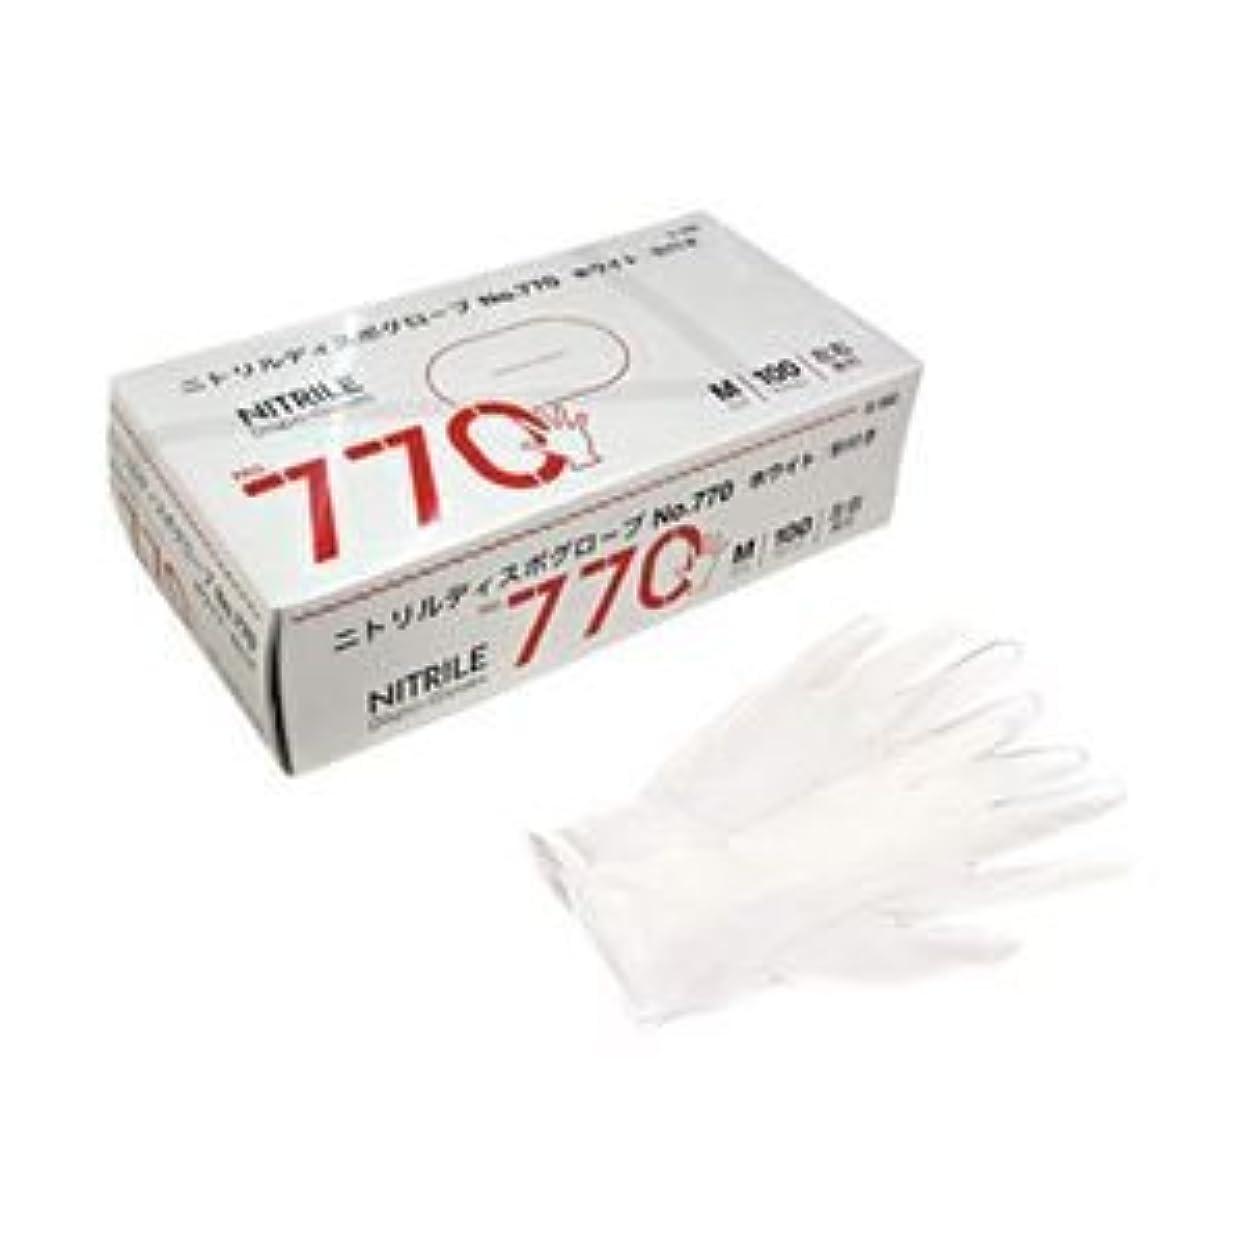 のど子豚放つ宇都宮製作 ニトリル手袋770 粉付き M 1箱(100枚) ×5セット